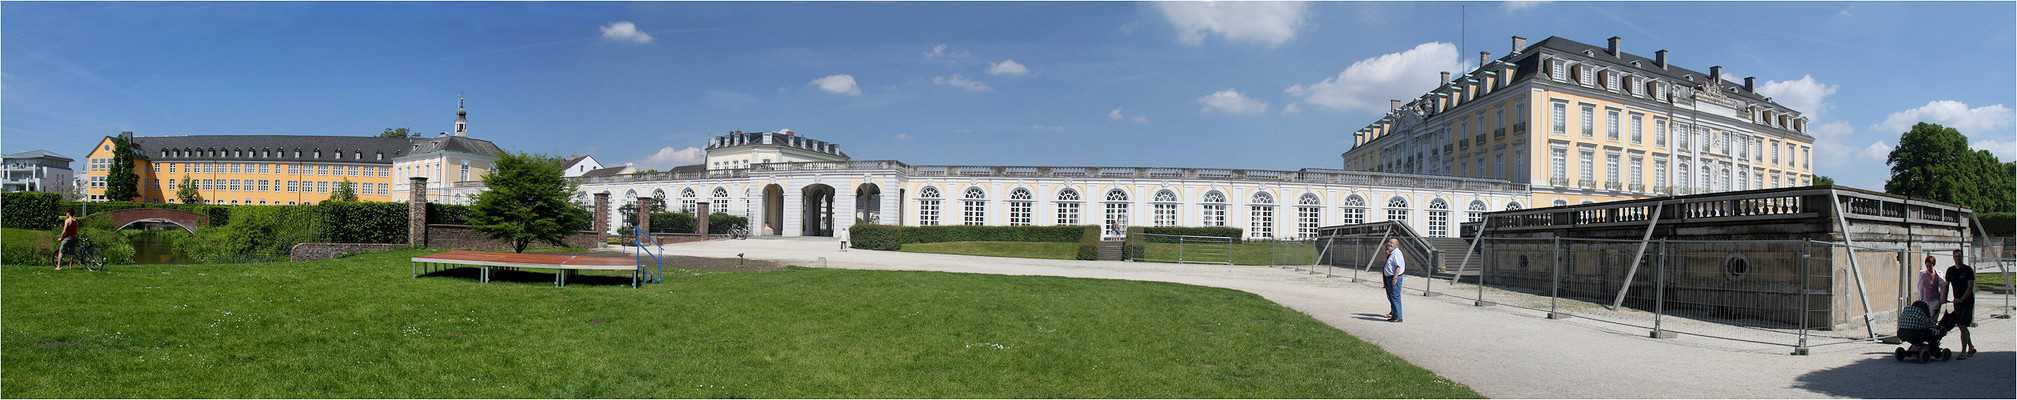 Schloss Augustusburg Brühl (2)